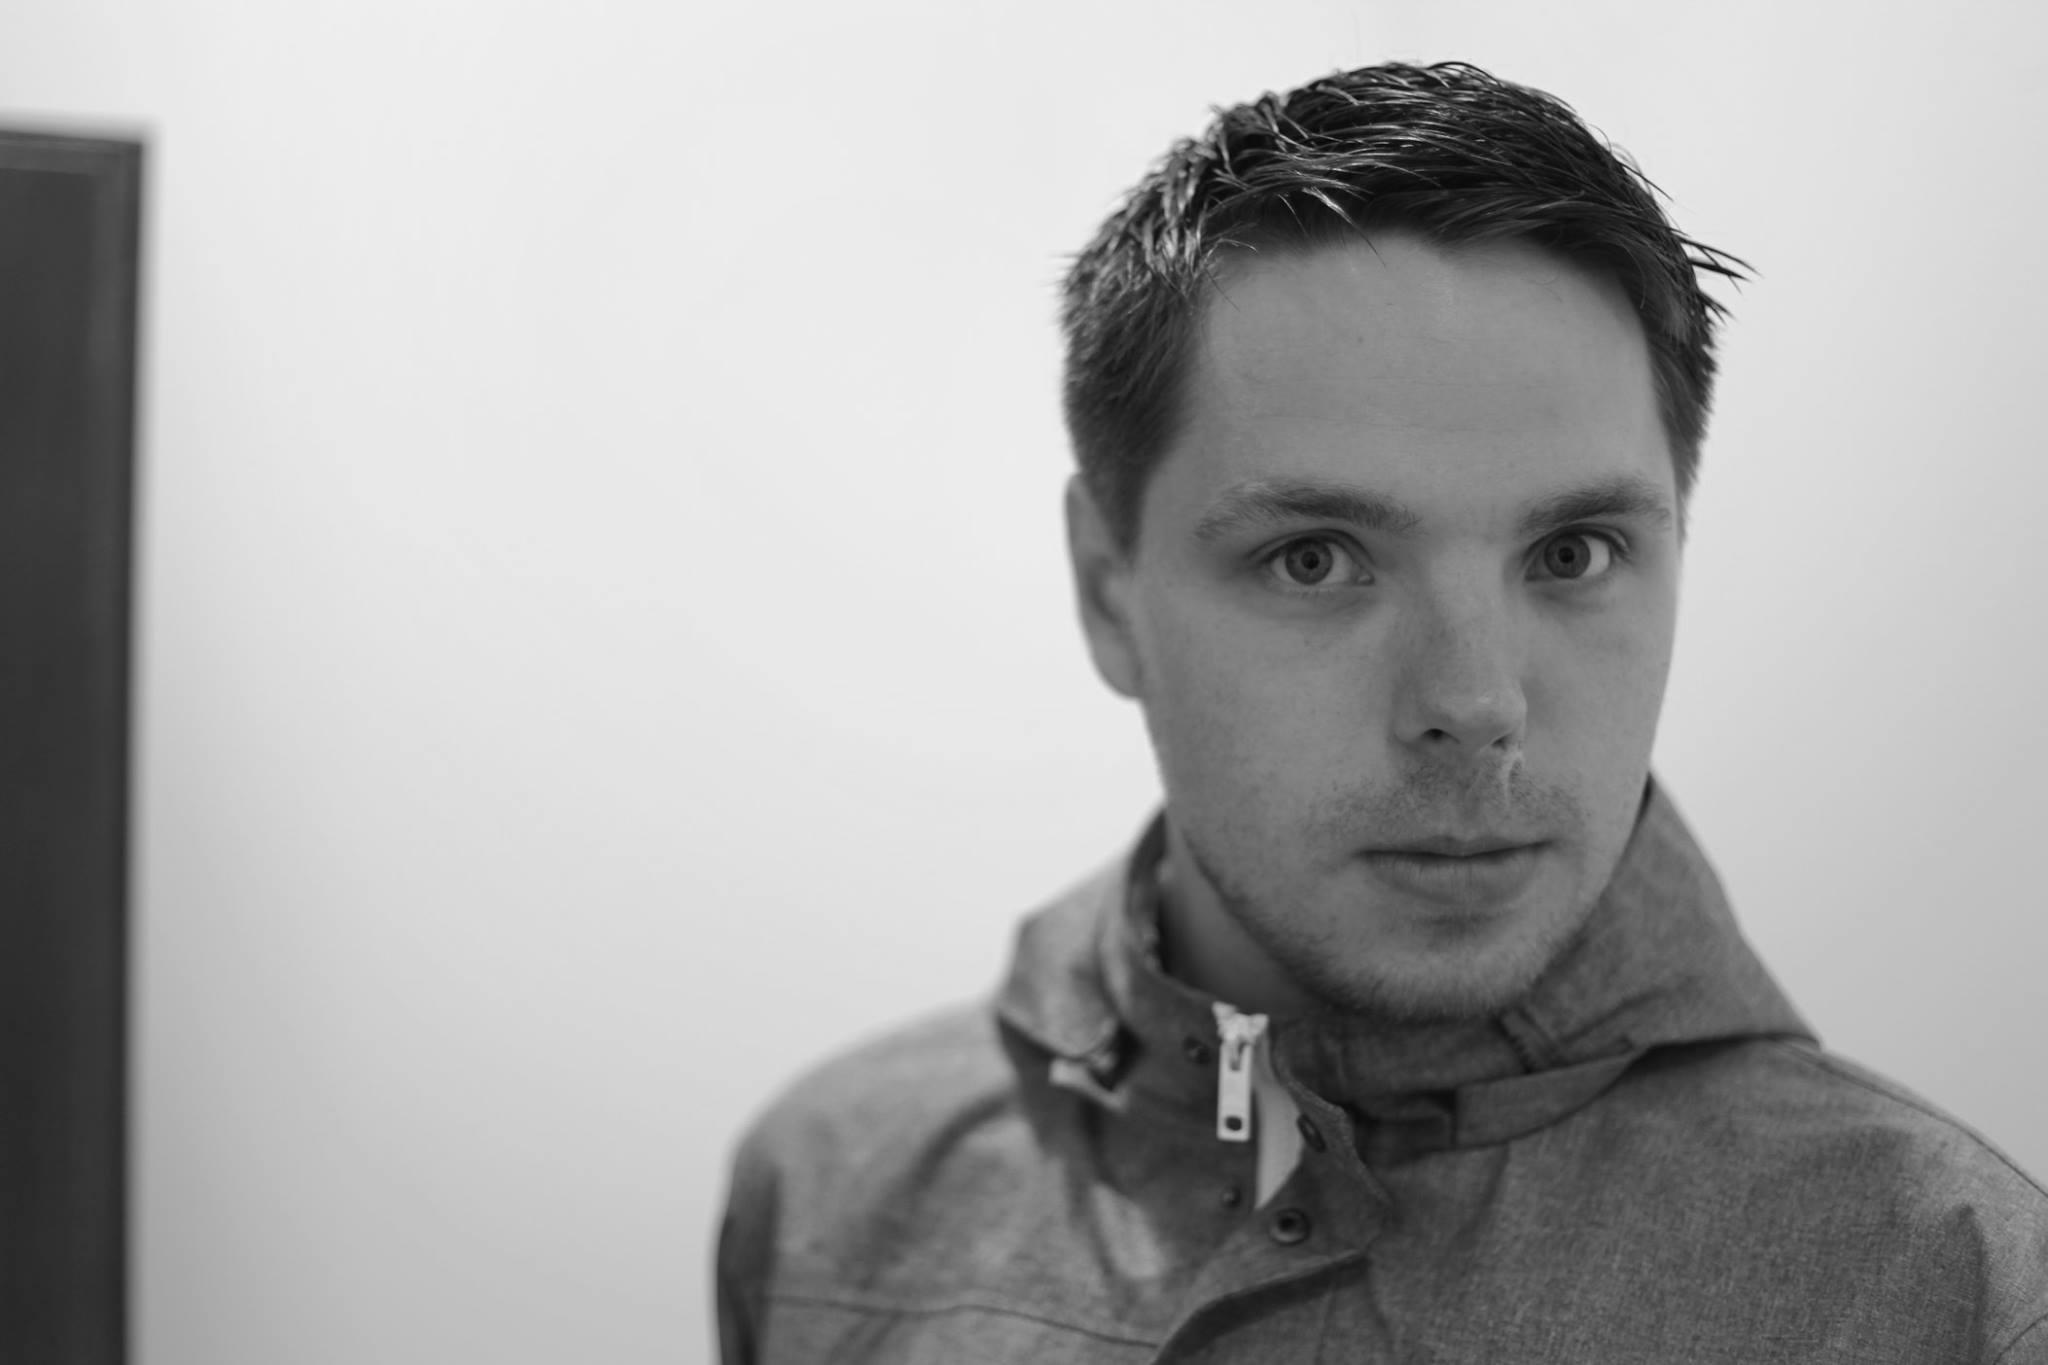 Ein Schwarz-Weiß-Portrait zeigt Marcus Gloge, den früheren Gitarristen der Band Strandheizung. Sein Gesichtsausdruck ist neutral. Er trägt kurze dunkle gegeelte Haare, Foto: Hagen Ebrecht.